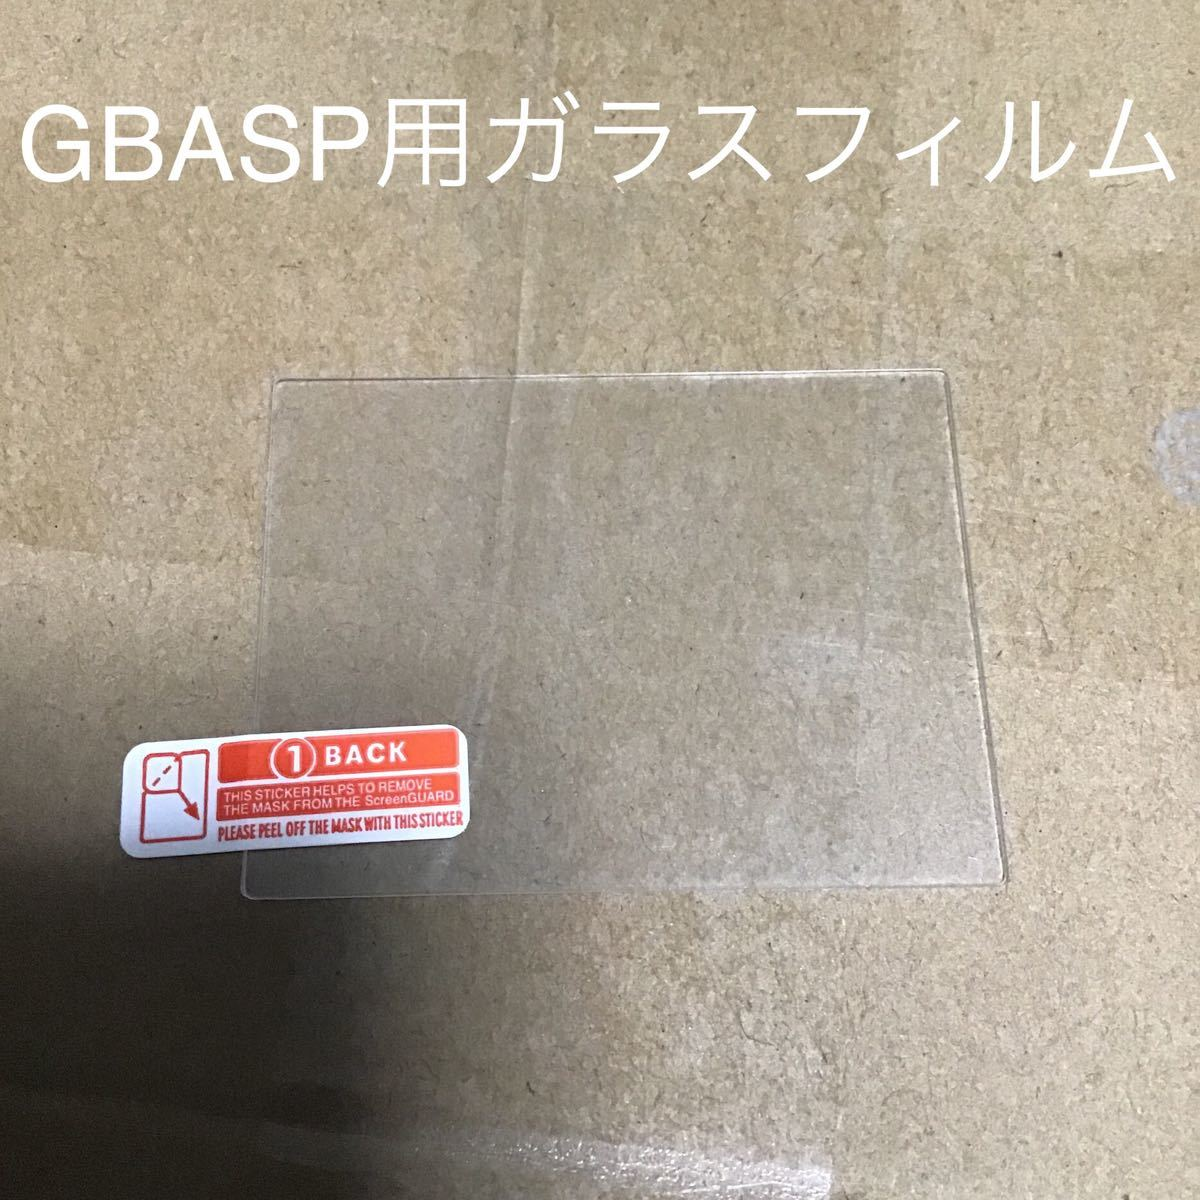 ゲームボーイアドバンスSP用液晶保護ガラスフィルム